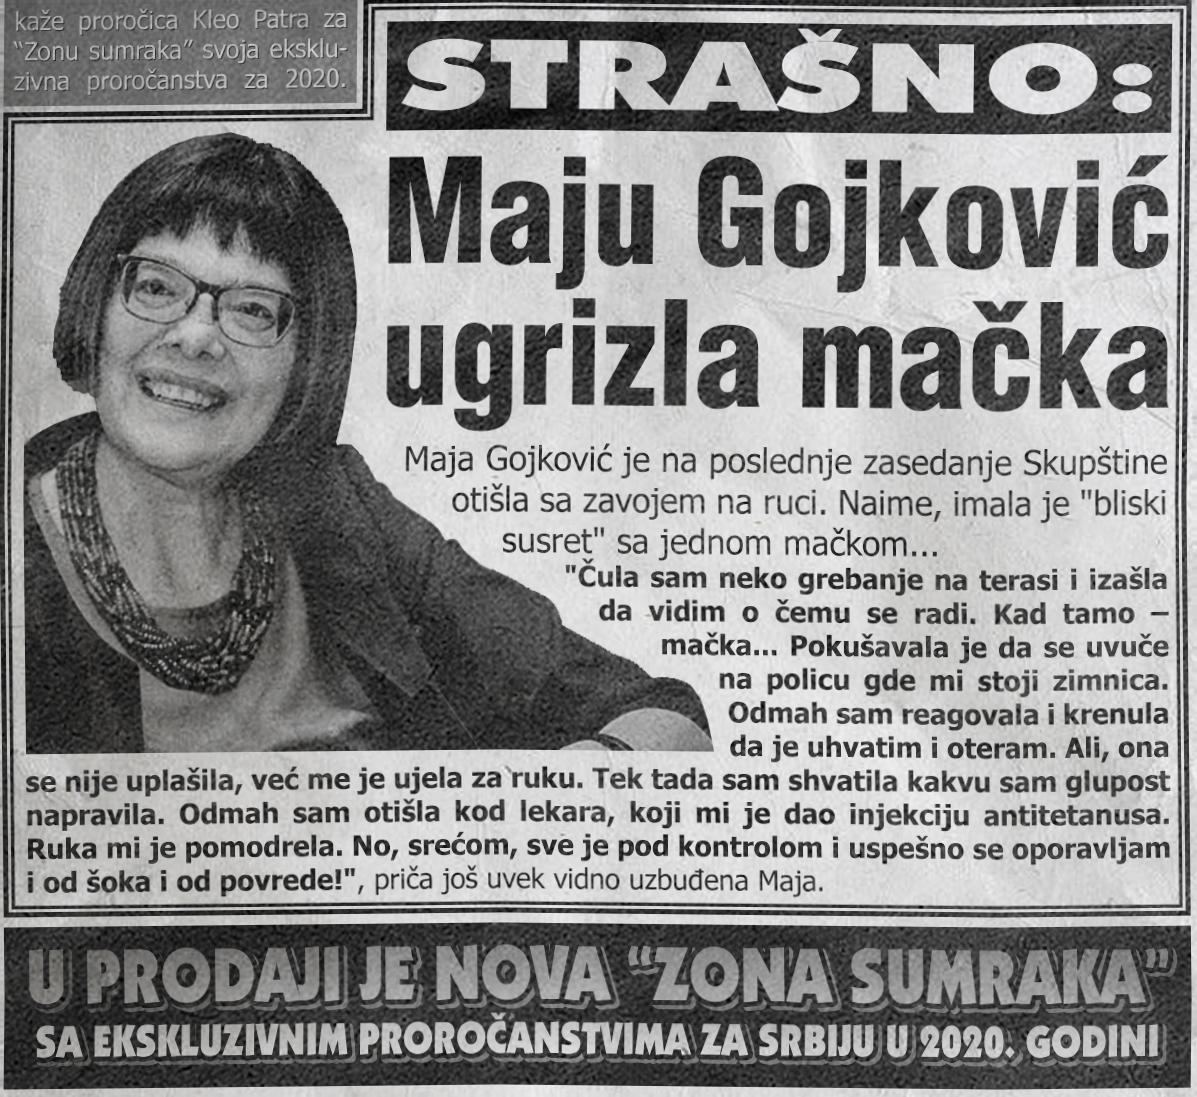 Maju Gojković ugrizla mačka!